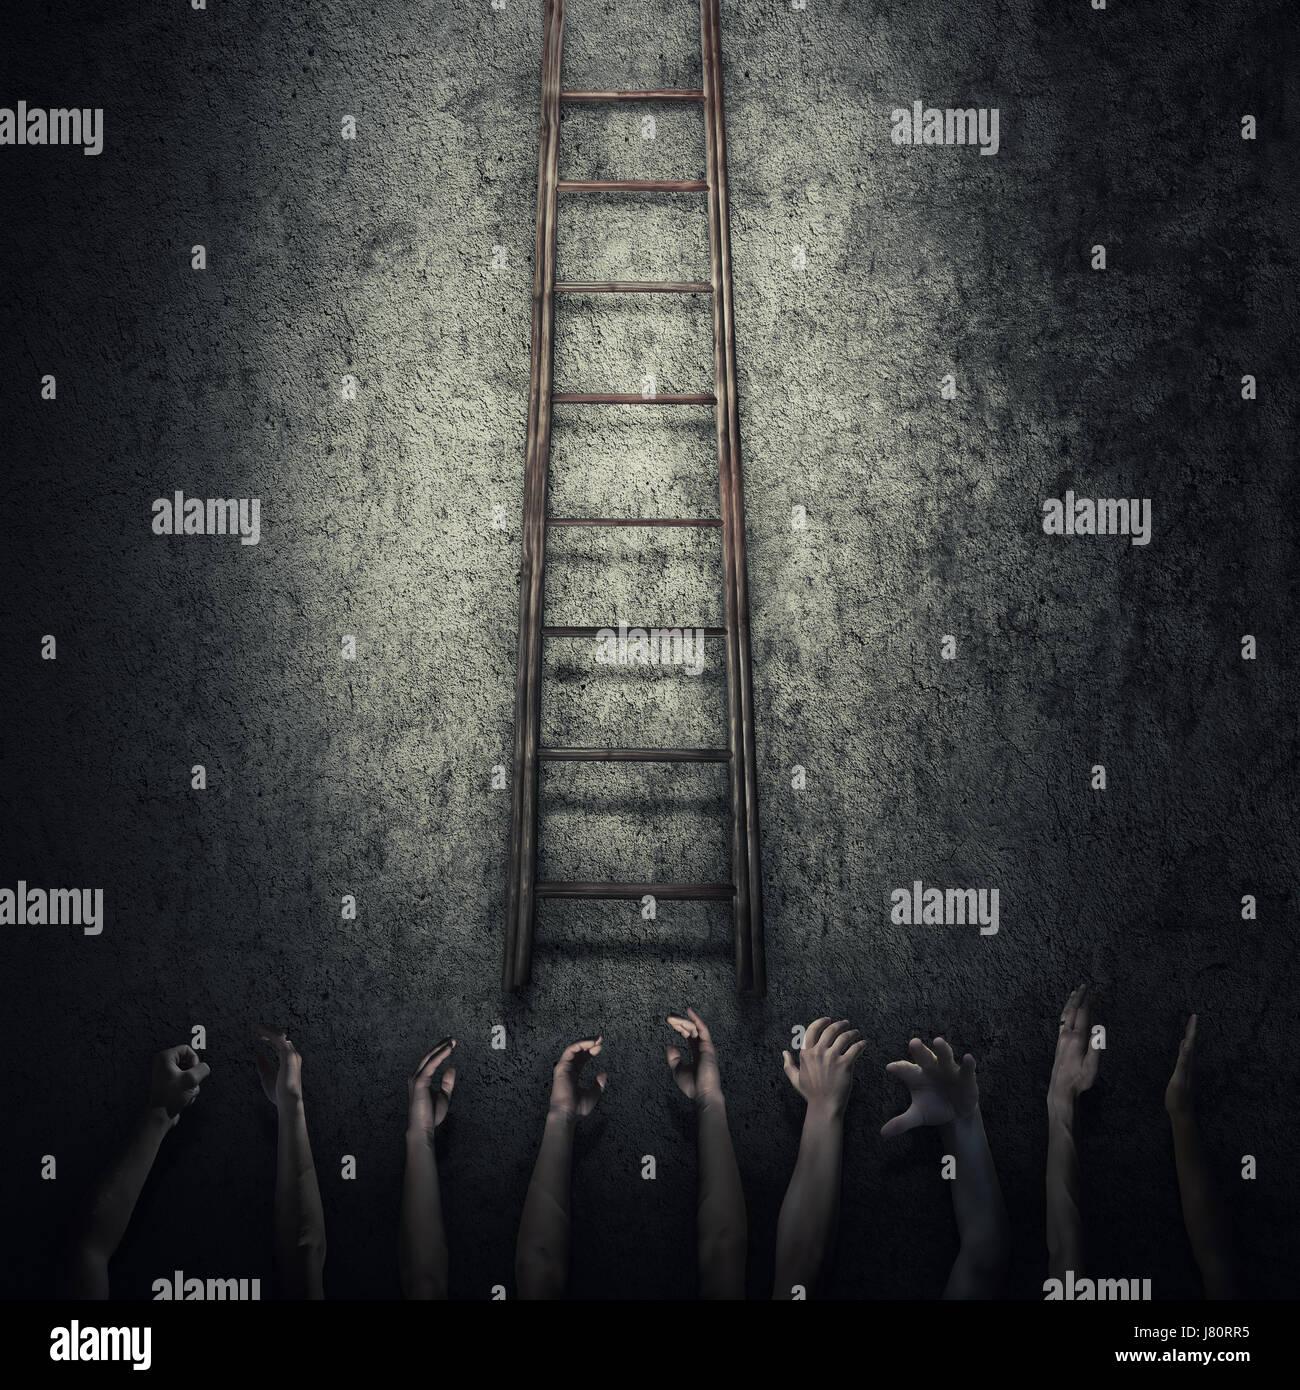 Abstraktes Konzept wie viele menschliche Hände ausgestreckt, um eine Leiter und Flucht aus dem Gefängnis Stockbild